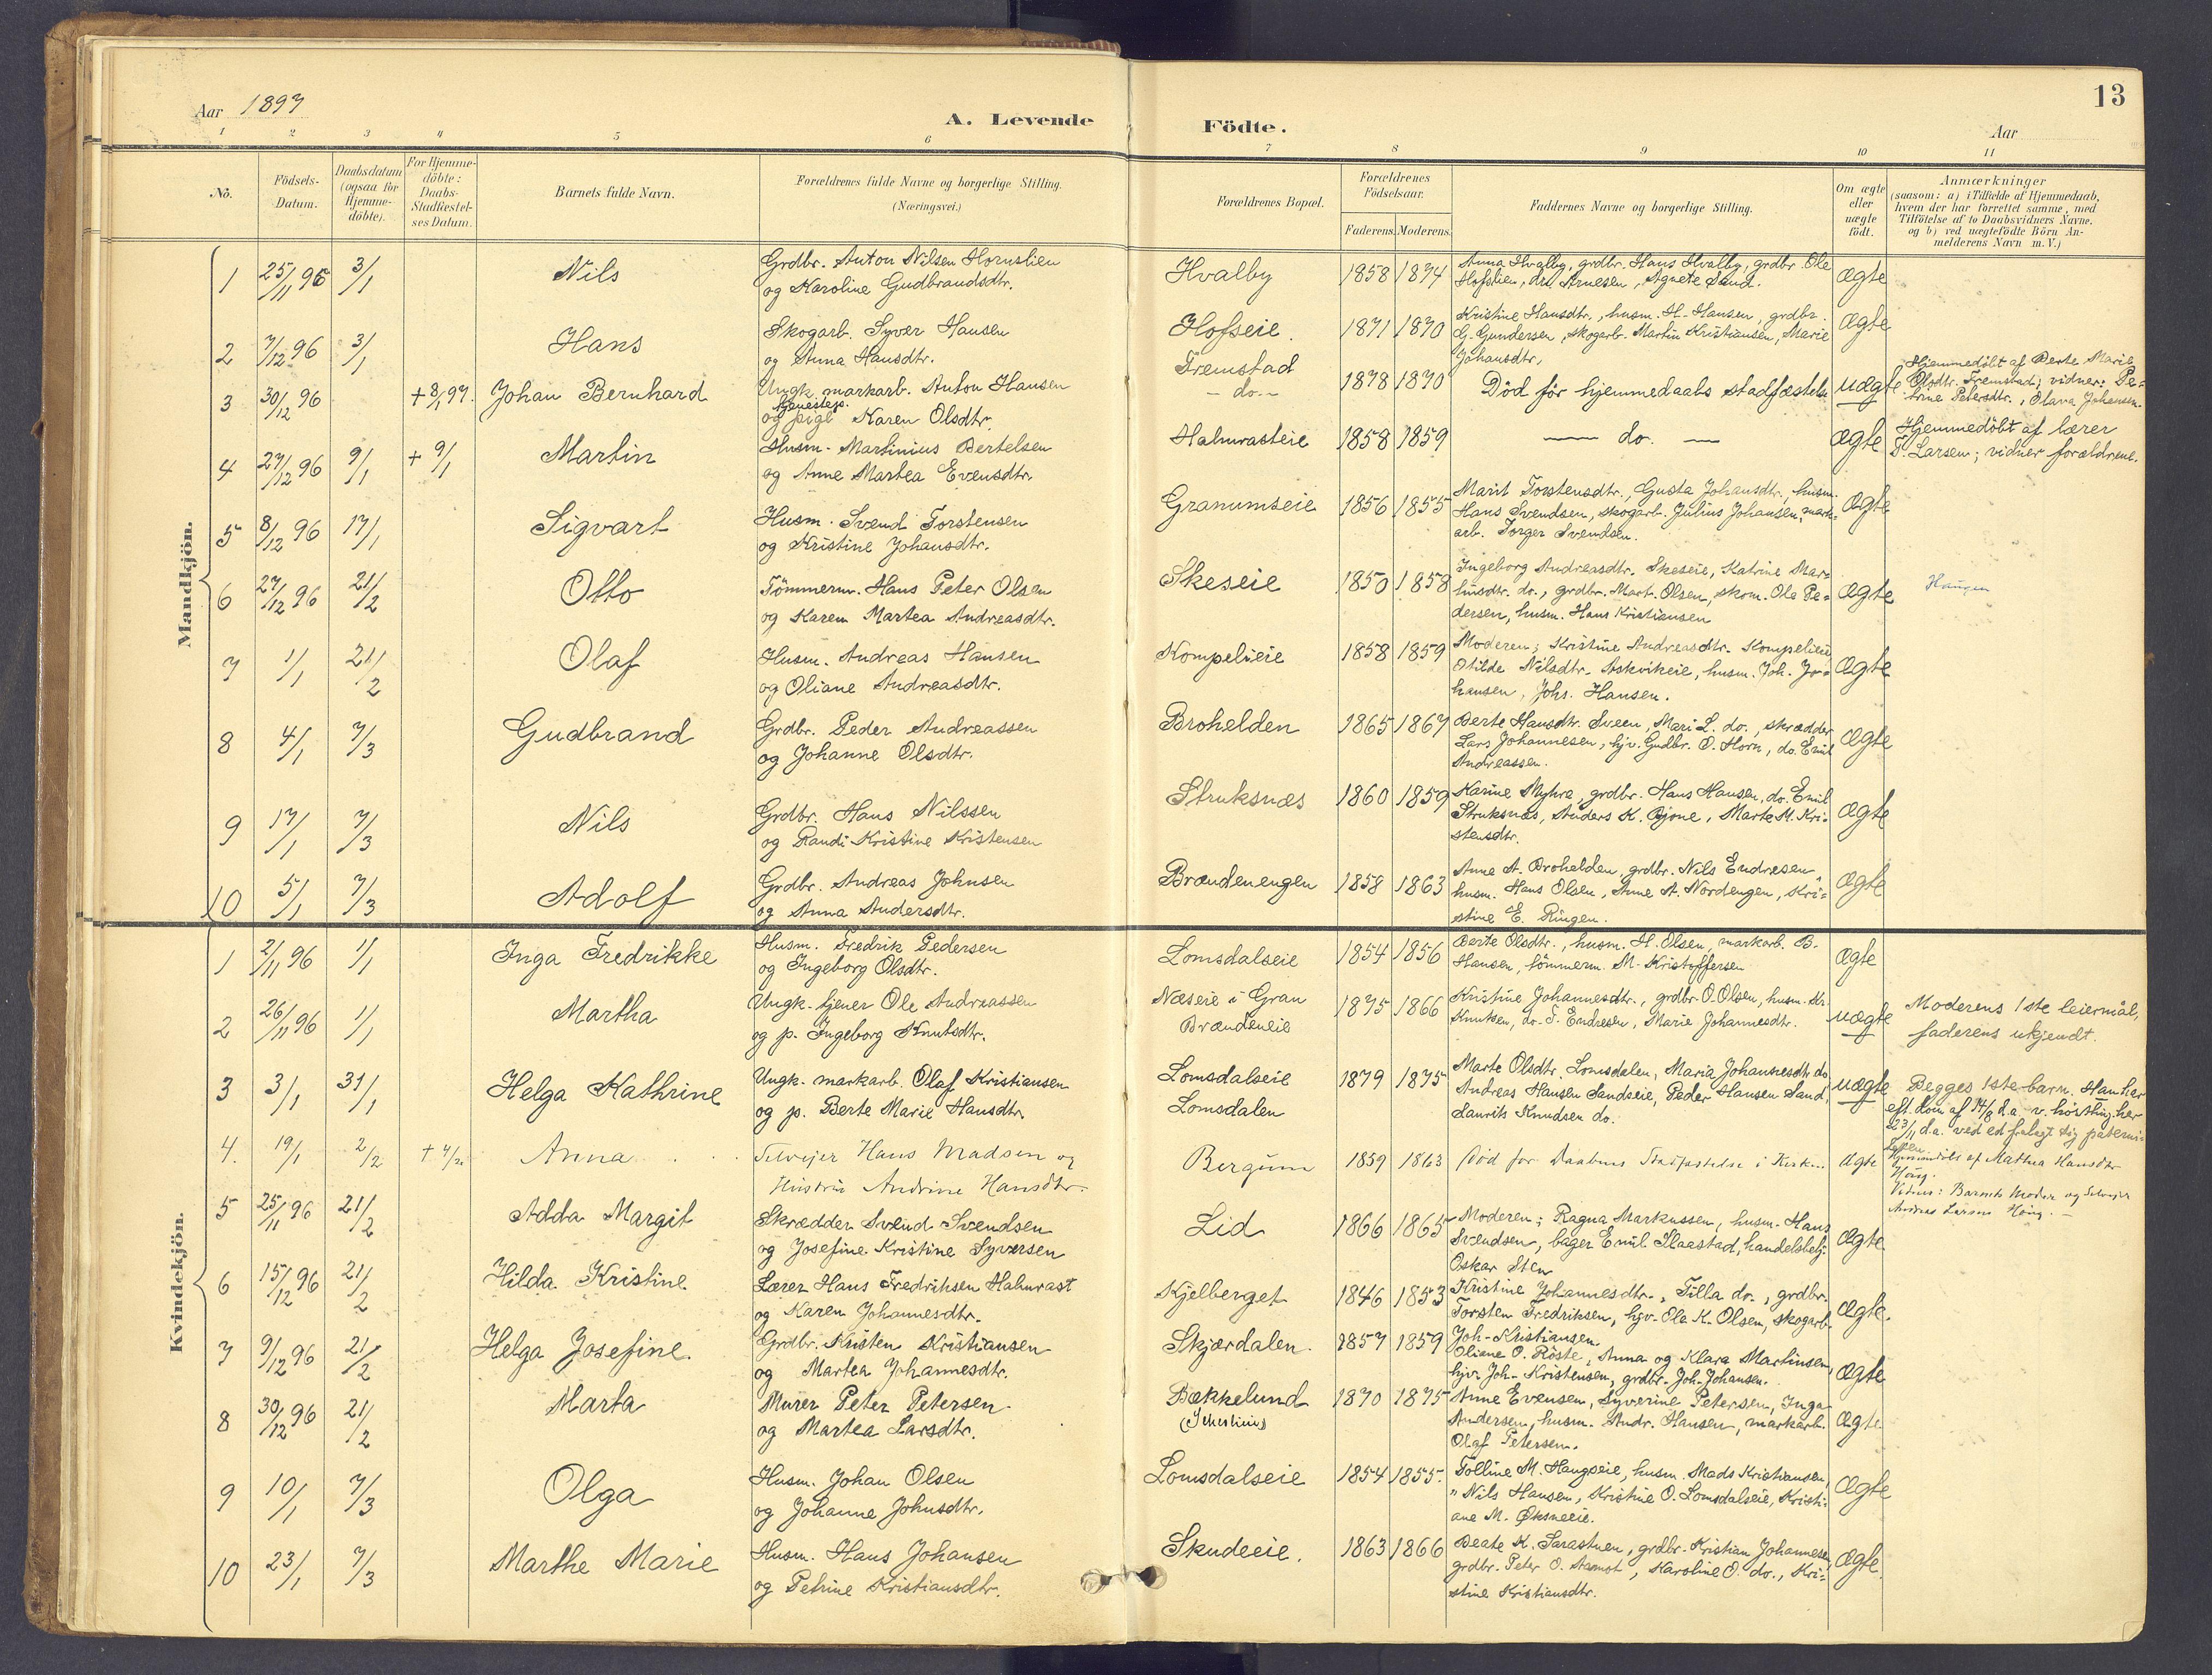 SAH, Søndre Land prestekontor, K/L0006: Ministerialbok nr. 6, 1895-1904, s. 13